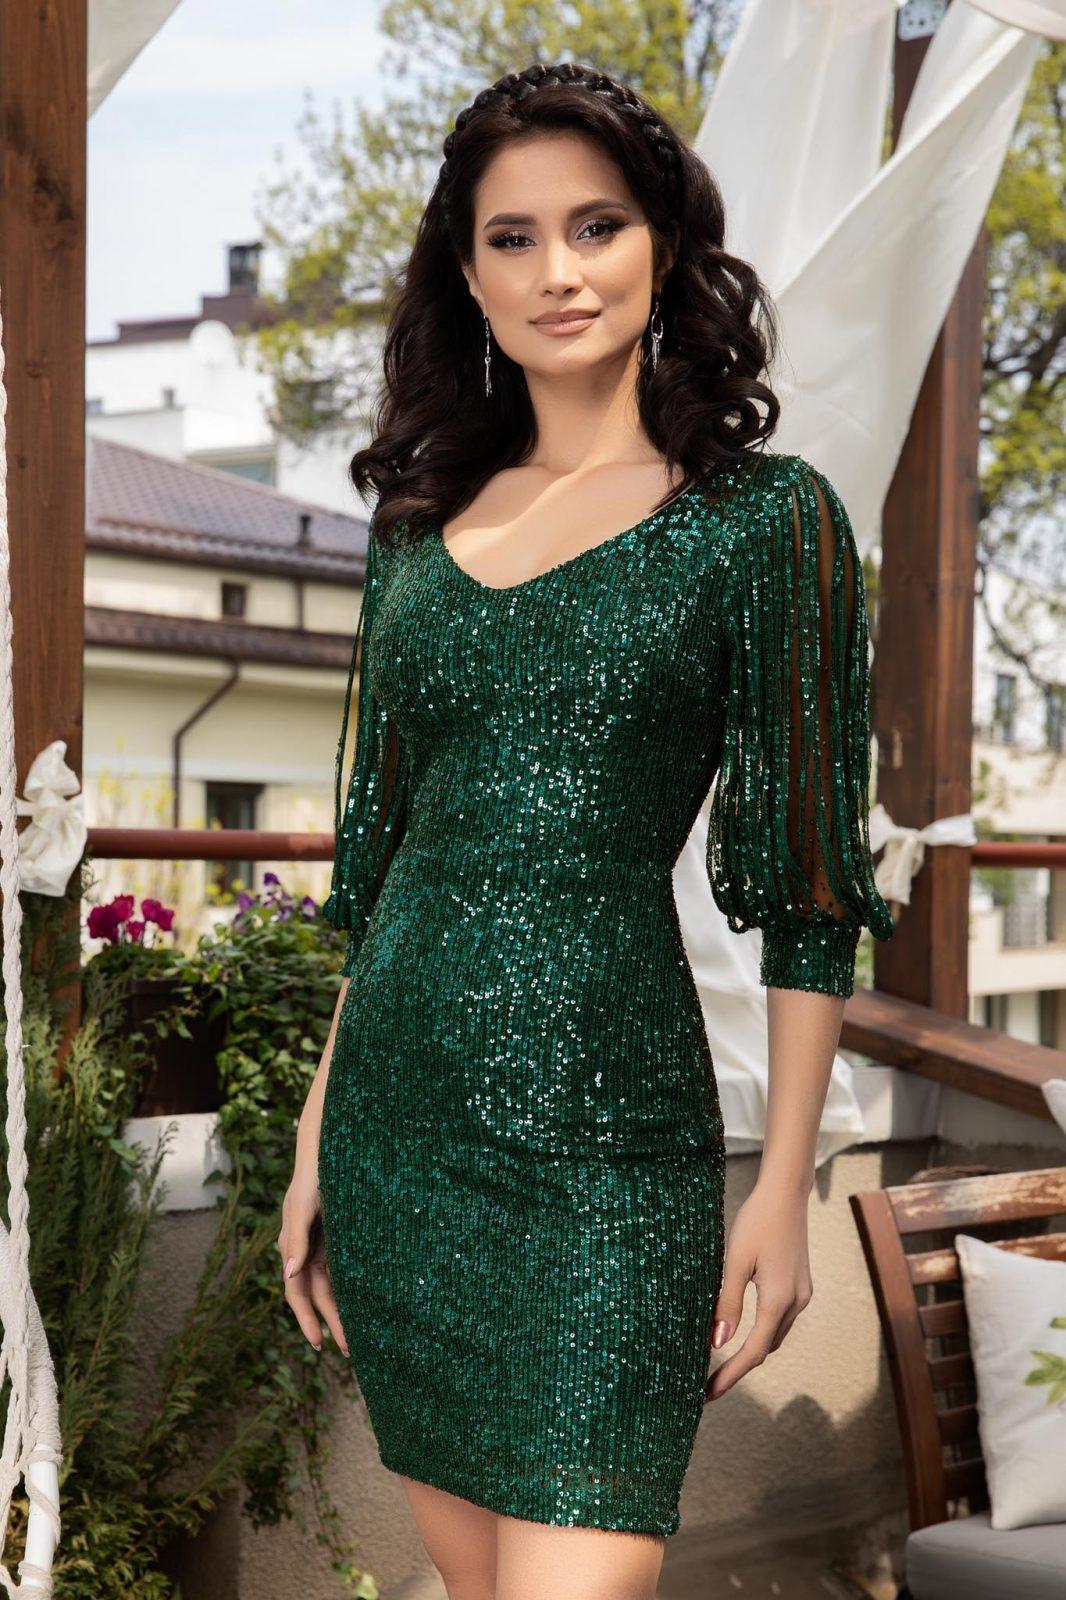 Πράσινο Βραδινό Φόρεμα Με Πούλιες Katriss 5898 2